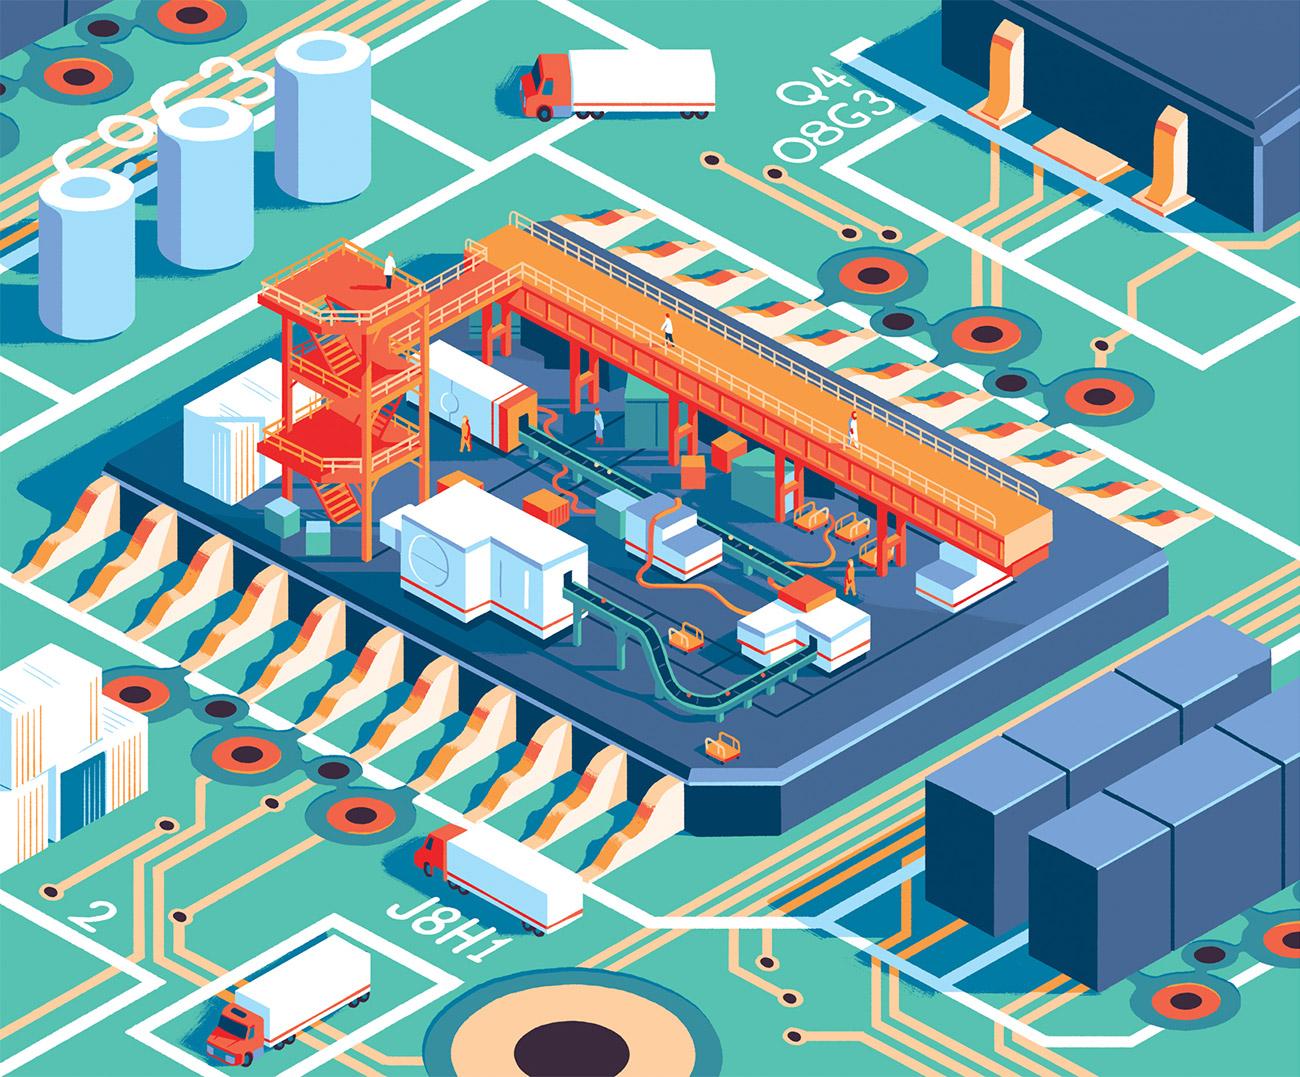 欧美争取芯片国产化 台积电表态:不切实际、浪费数千亿美元